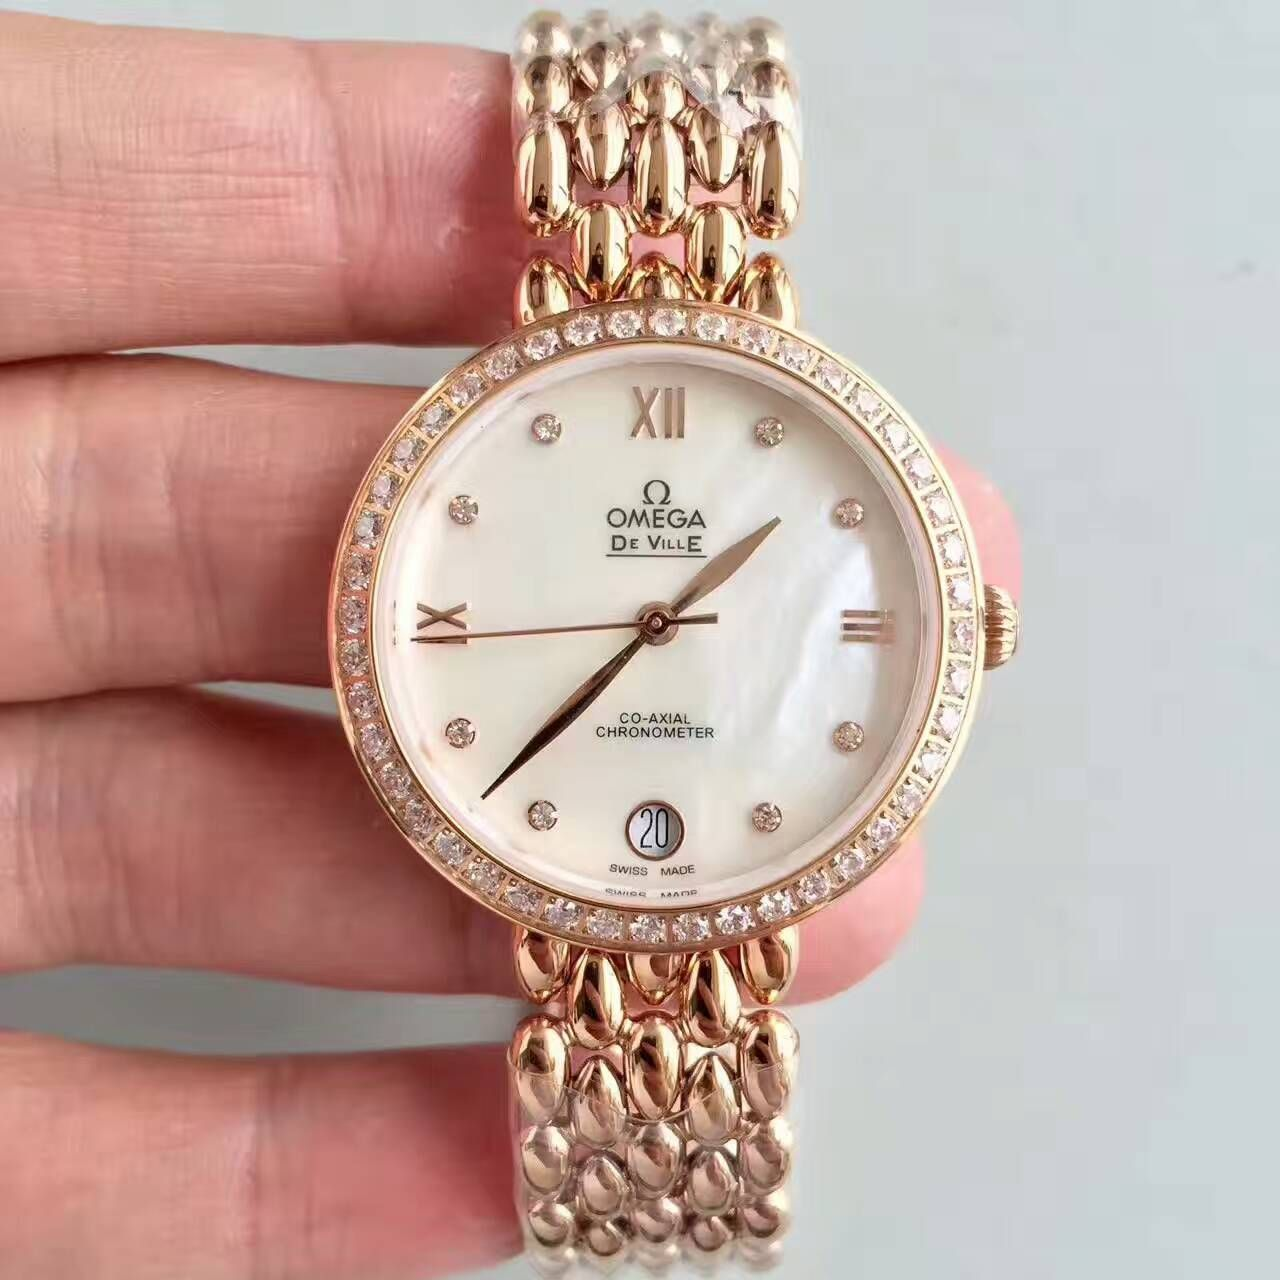 【一比一顶级复刻手表】欧米茄碟飞系列424.55.33.20.55.007女士石英腕表价格报价